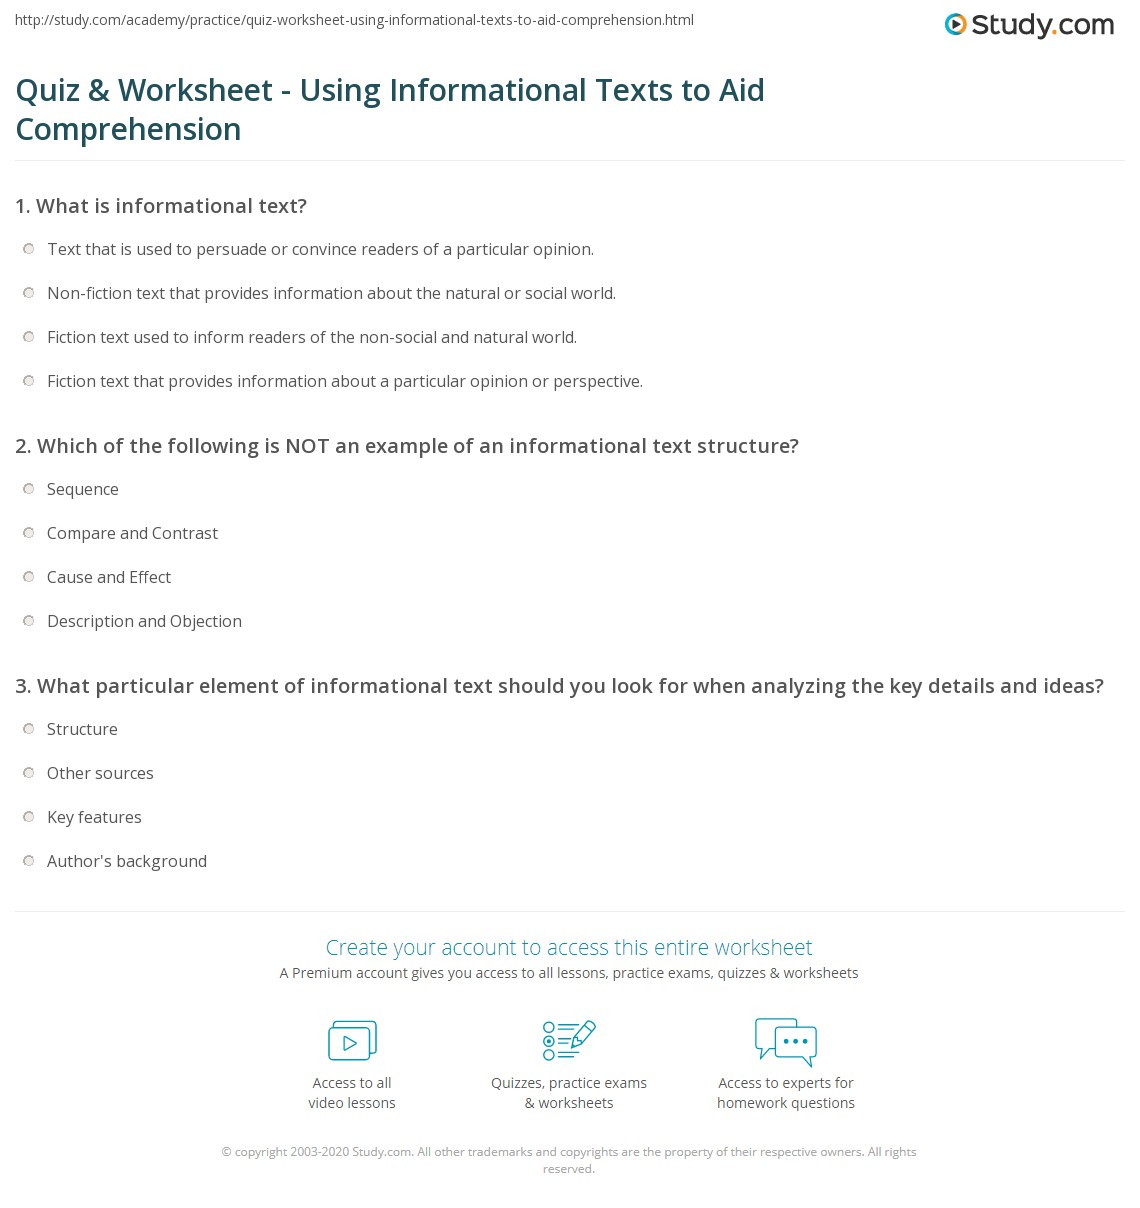 Quiz W Ksheet Us G M Ti L Texts To Id Prehensi